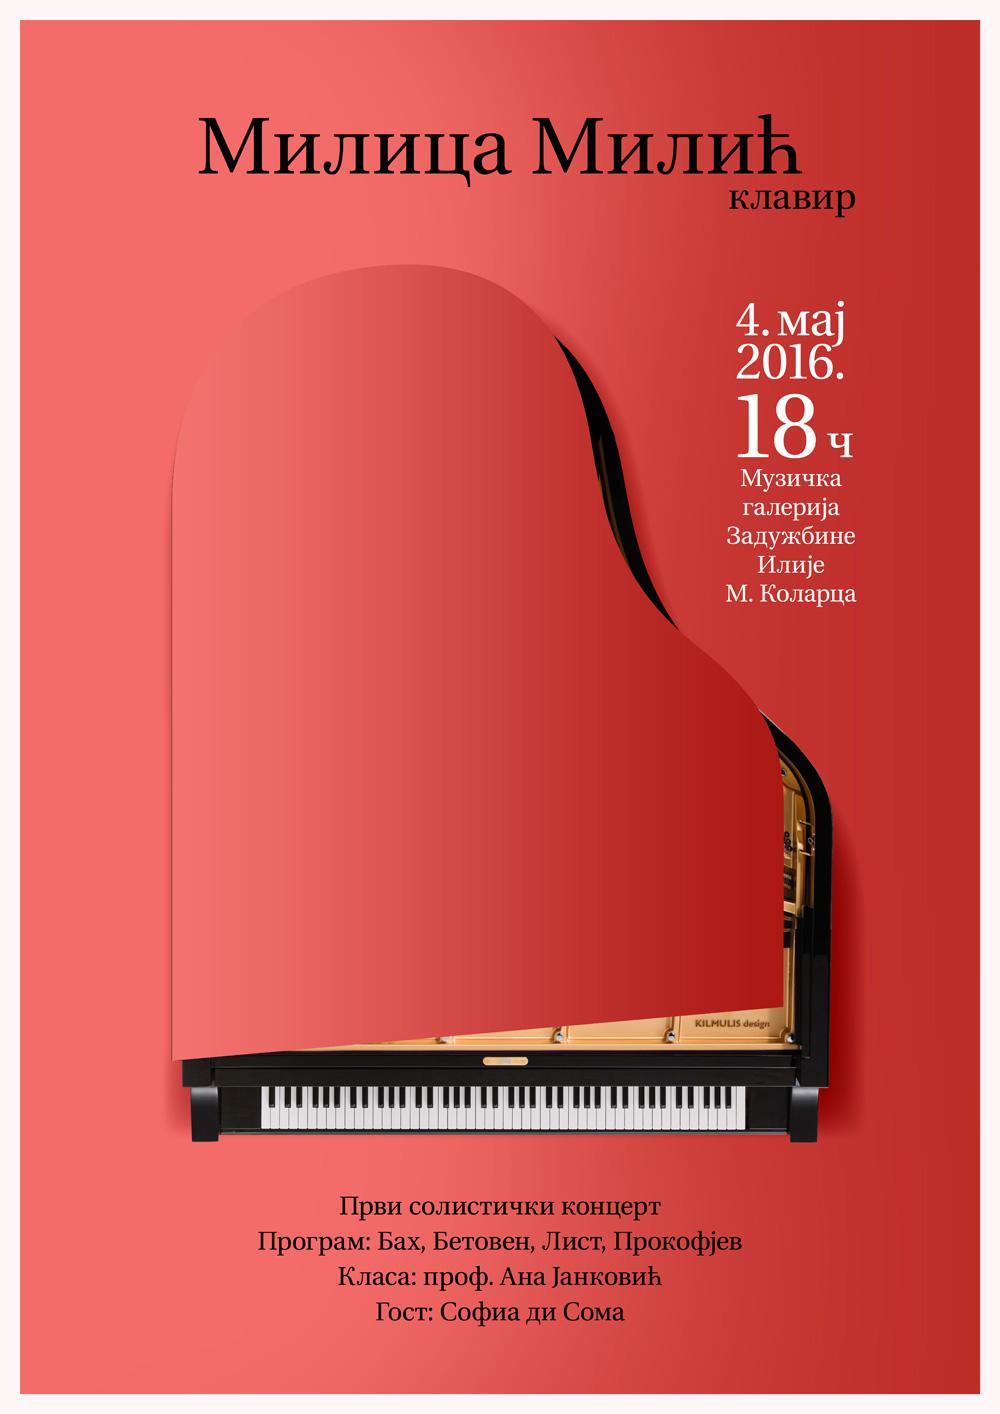 Kilmulis design - Milica Milic - poster 03